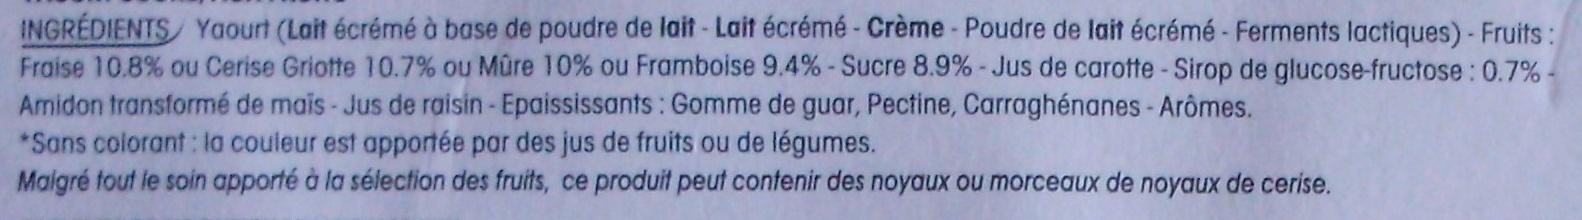 Panier de Yoplait (Framboise, Fraise, Cerise, Mûre) 8 Pots - Ingrédients - fr